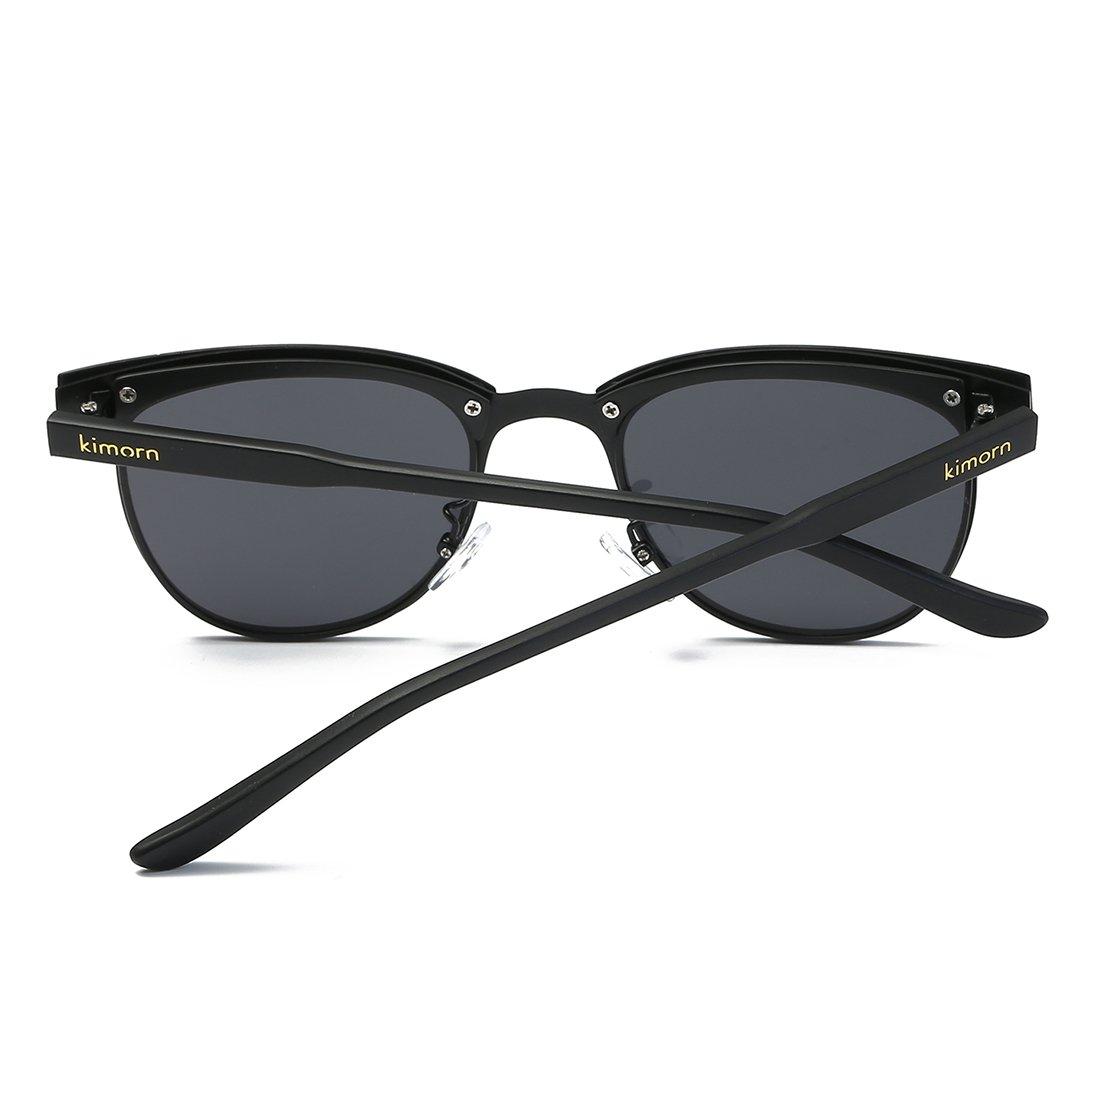 d6bd47da5c Kimorn Polarized Sunglasses Unisex Retor Semi-Rimless Metal Frame Sun  glasses K0558 (Black)  Amazon.co.uk  Clothing